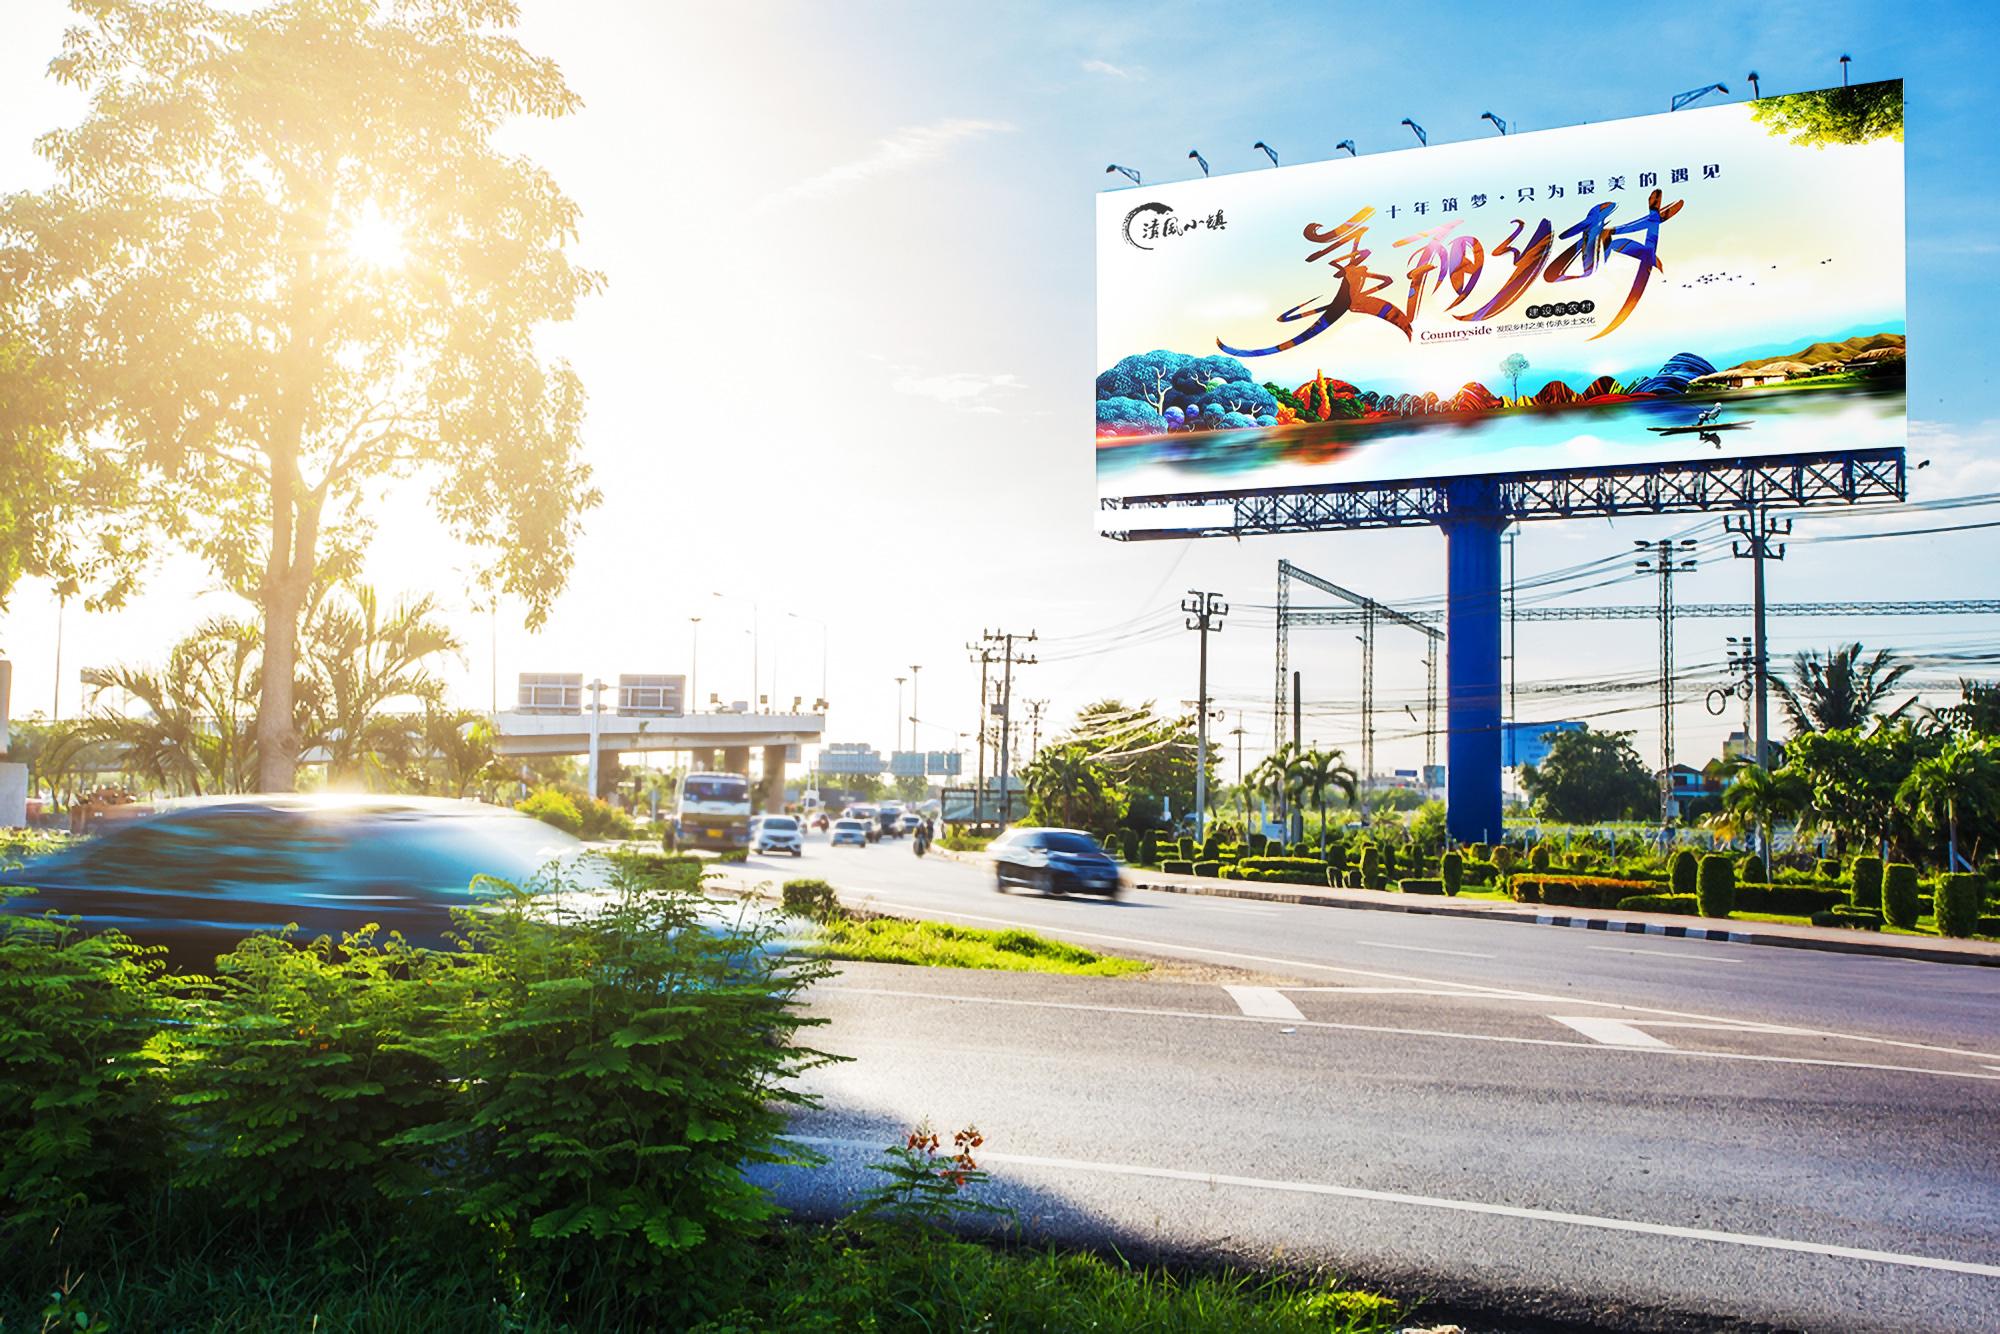 清风小镇影视基地户外广告牌设计_2963357_k68威客网